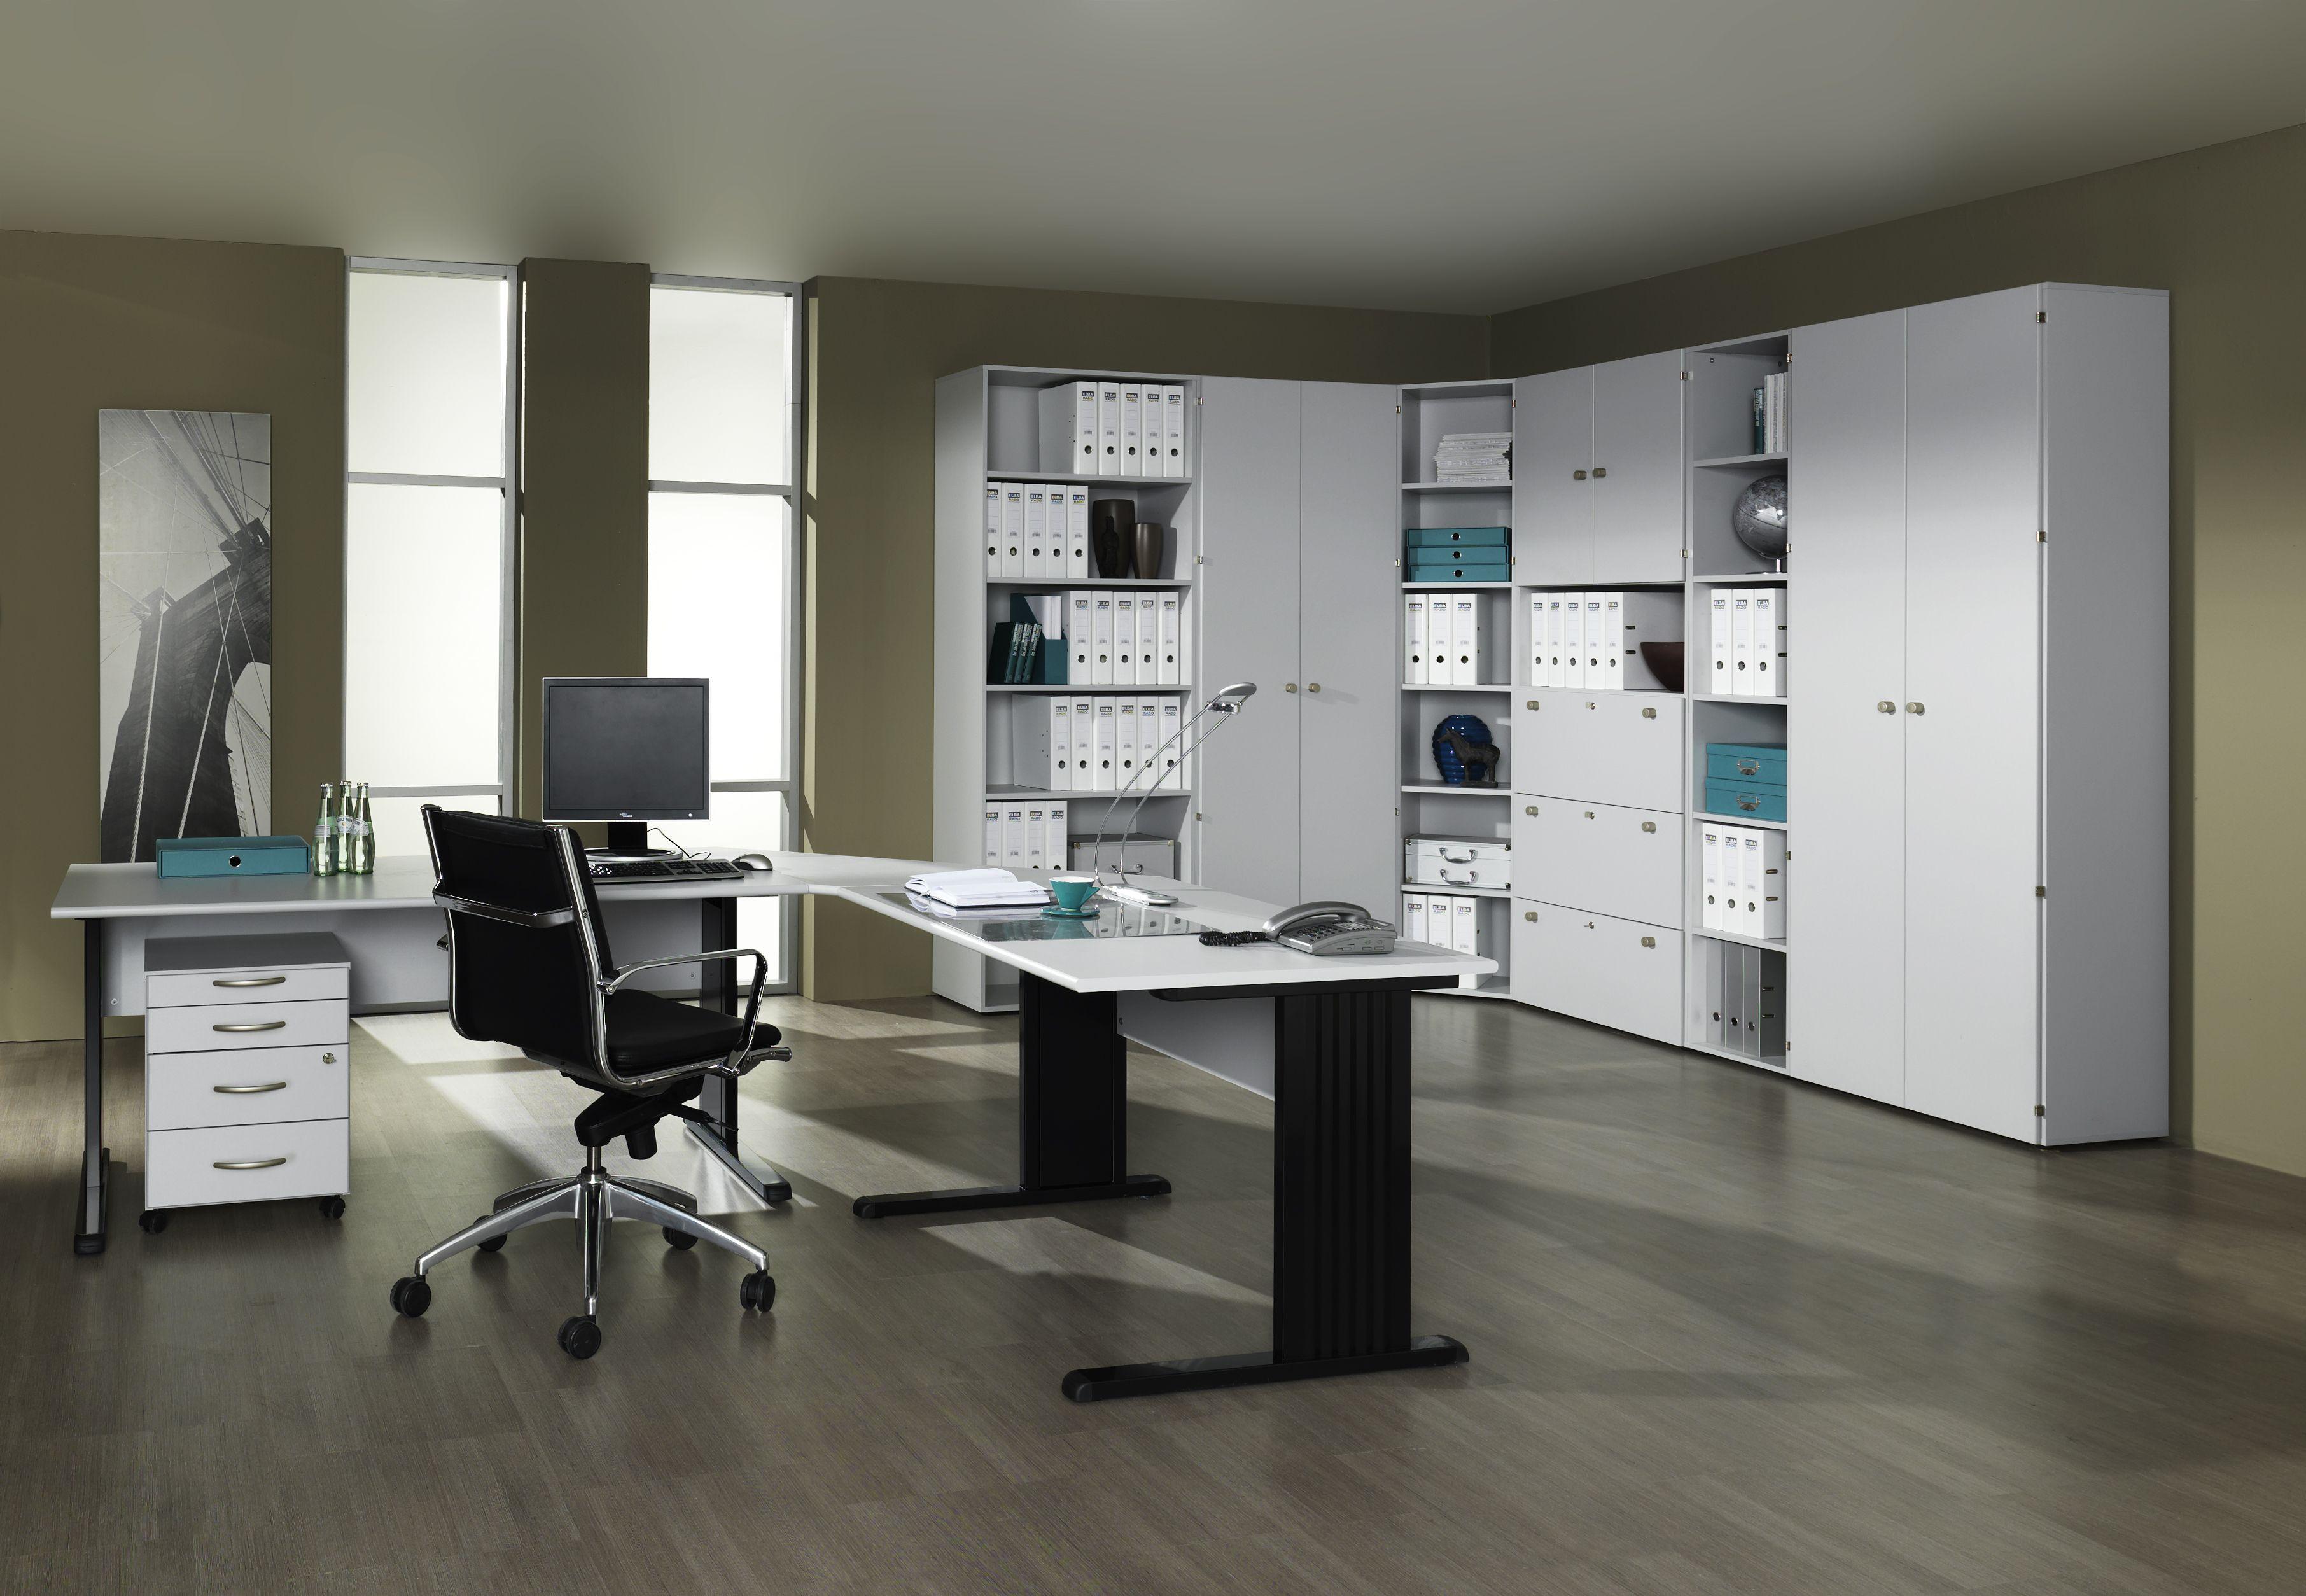 Büromöbel BRAVO Office-Grau von Schäfer Shop | Büromöbel BRAVO von ...